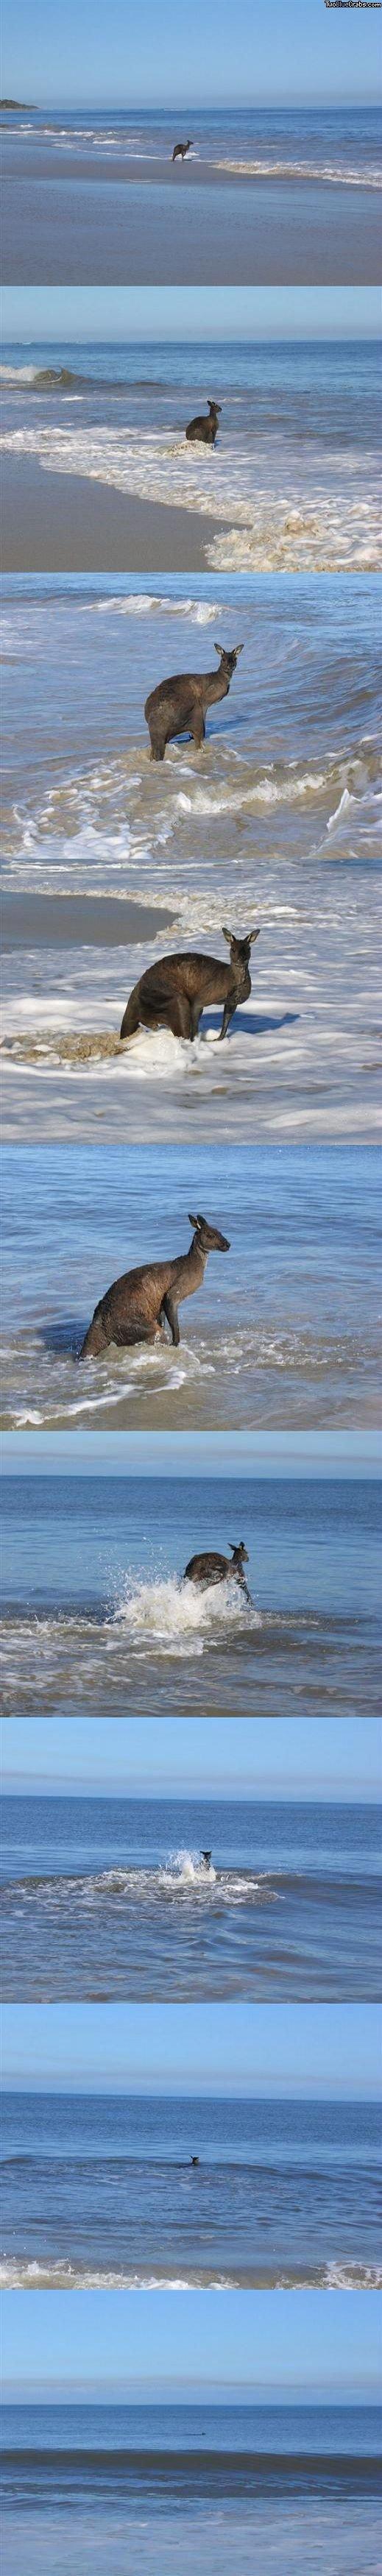 kangaroo at the beach?. kangaroo at the beach :3.. you suck! kangaroo Beach swim lol